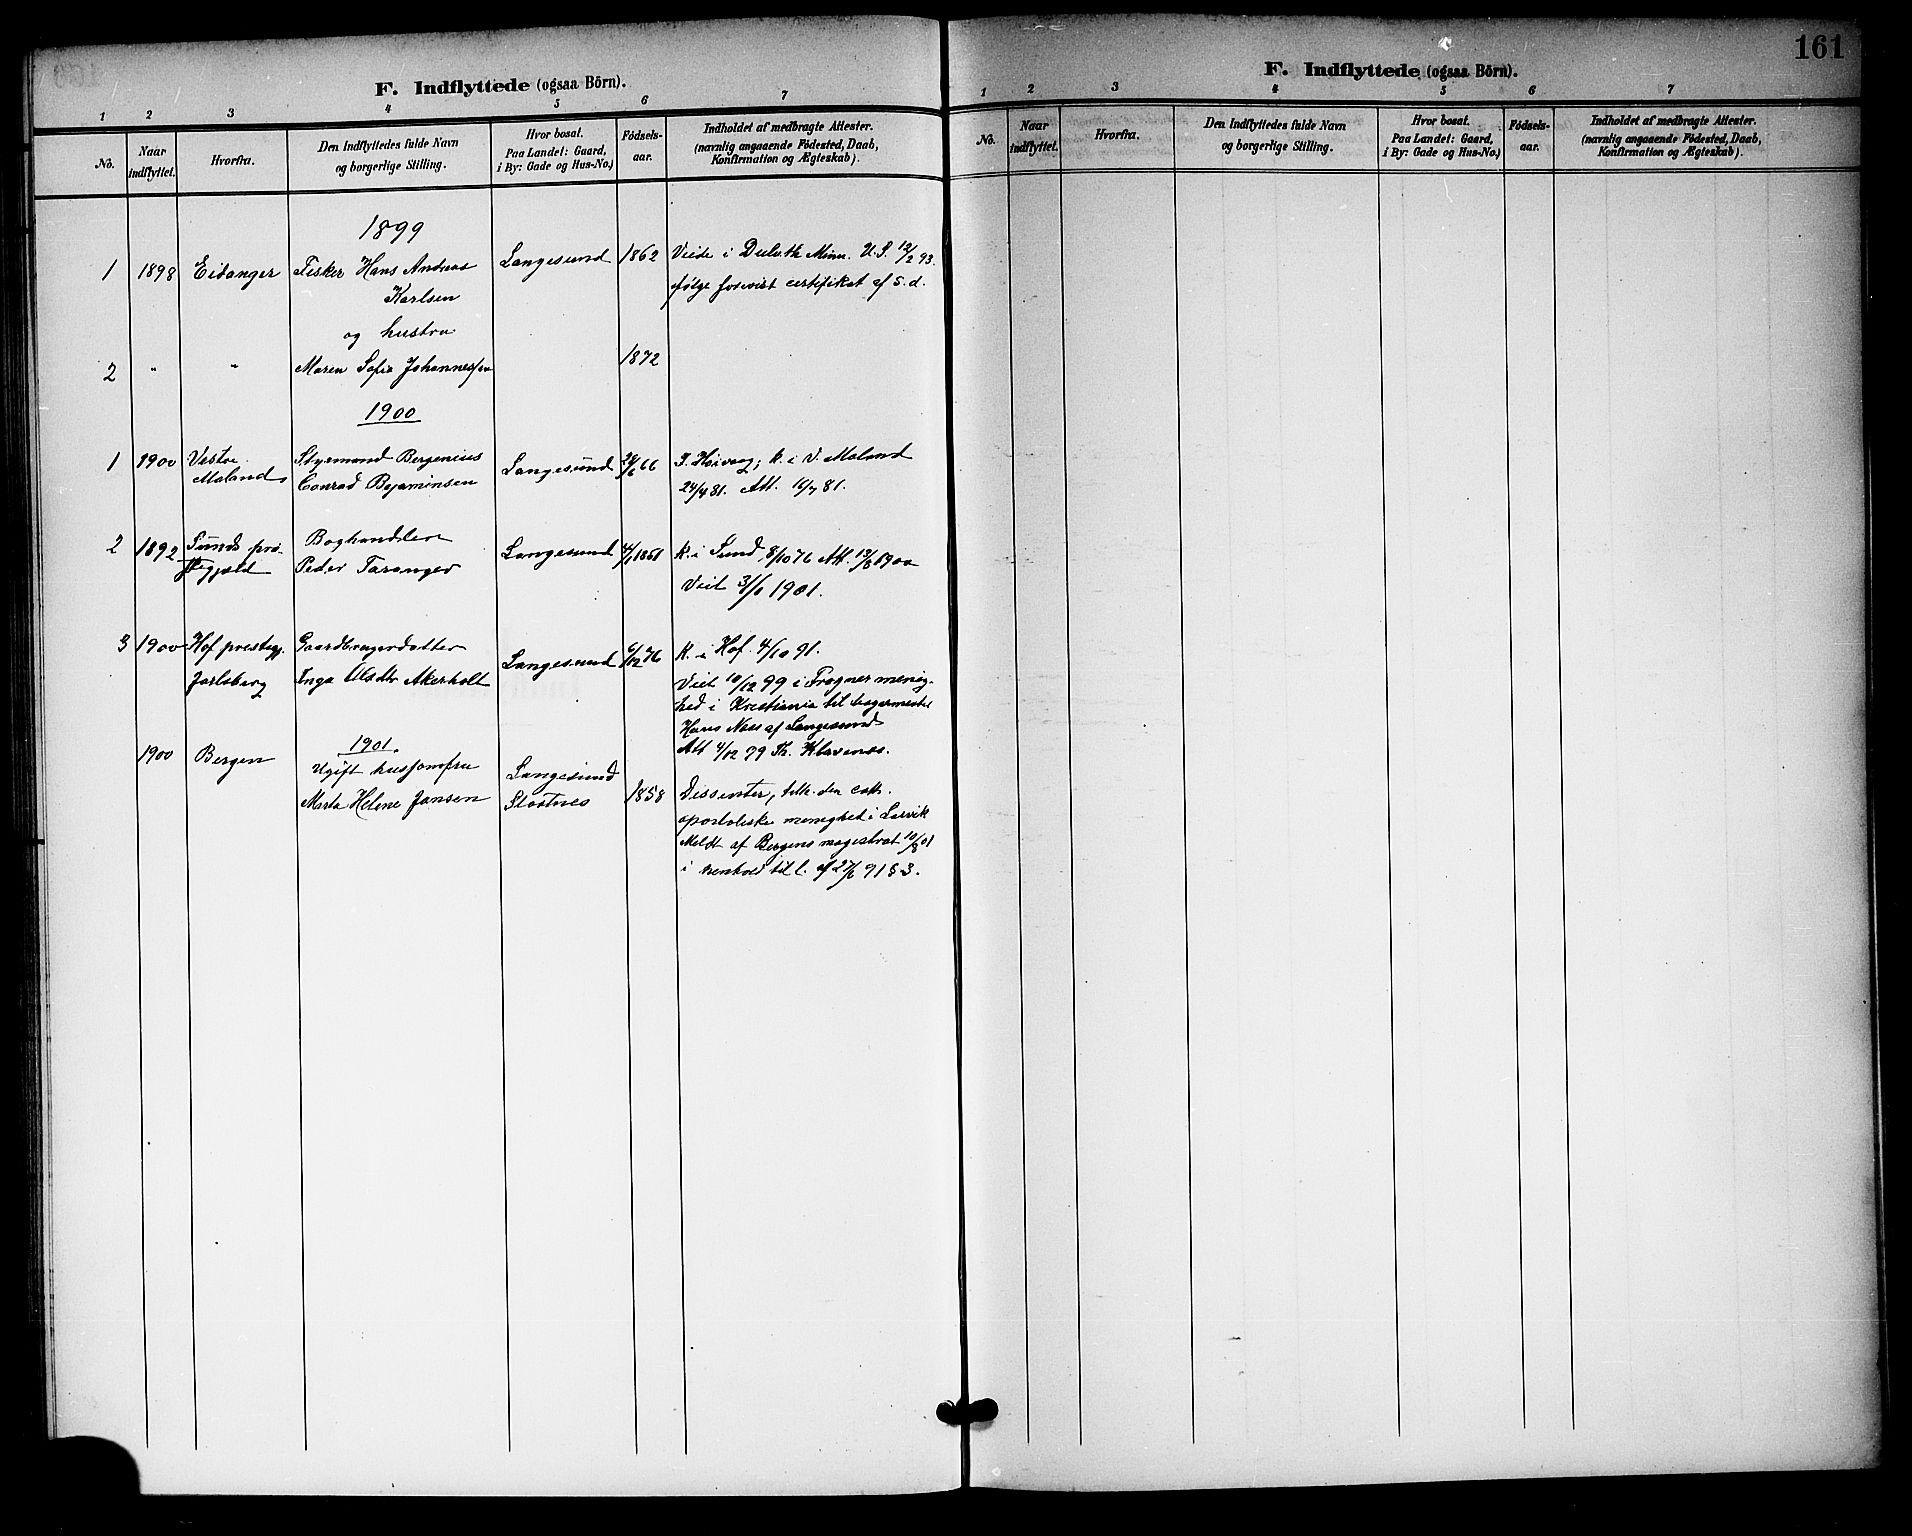 SAKO, Langesund kirkebøker, G/Ga/L0006: Klokkerbok nr. 6, 1899-1918, s. 161